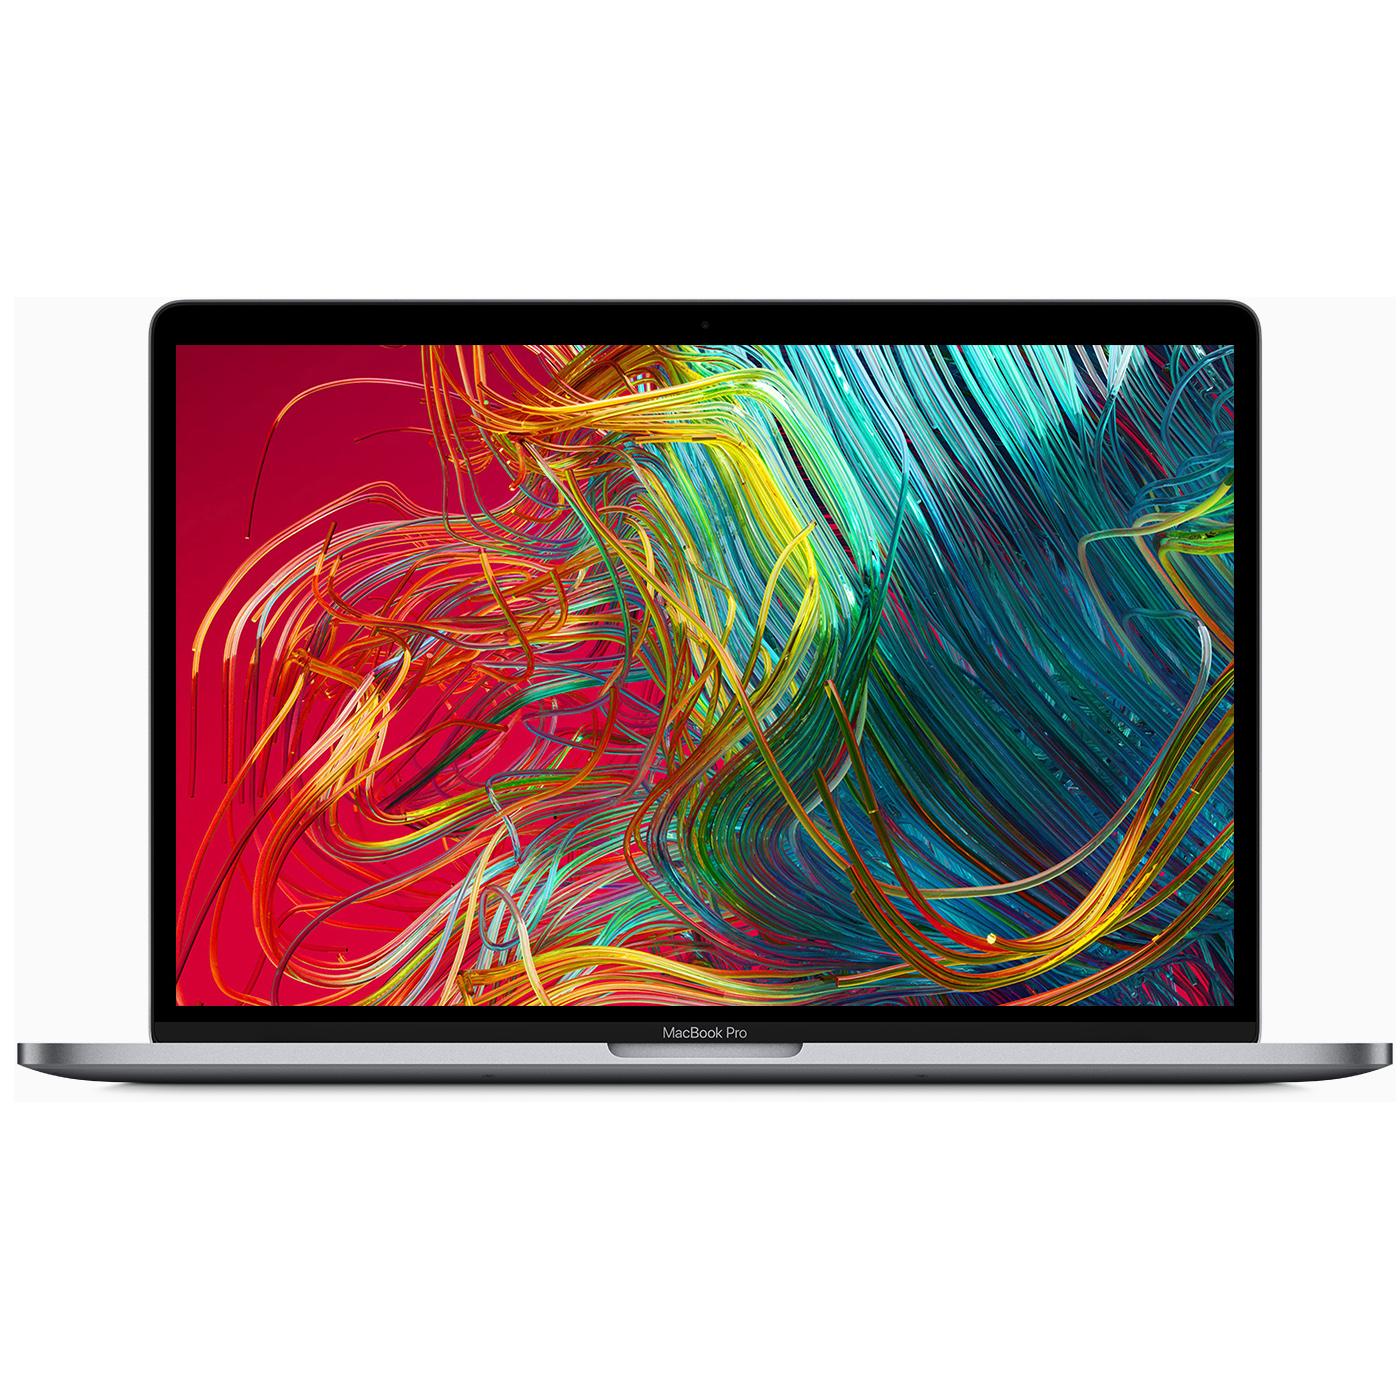 MV992 – Macbook Pro 13-inch Touch Bar 2019 (Silver) – i5 2.4/8GB/256GB